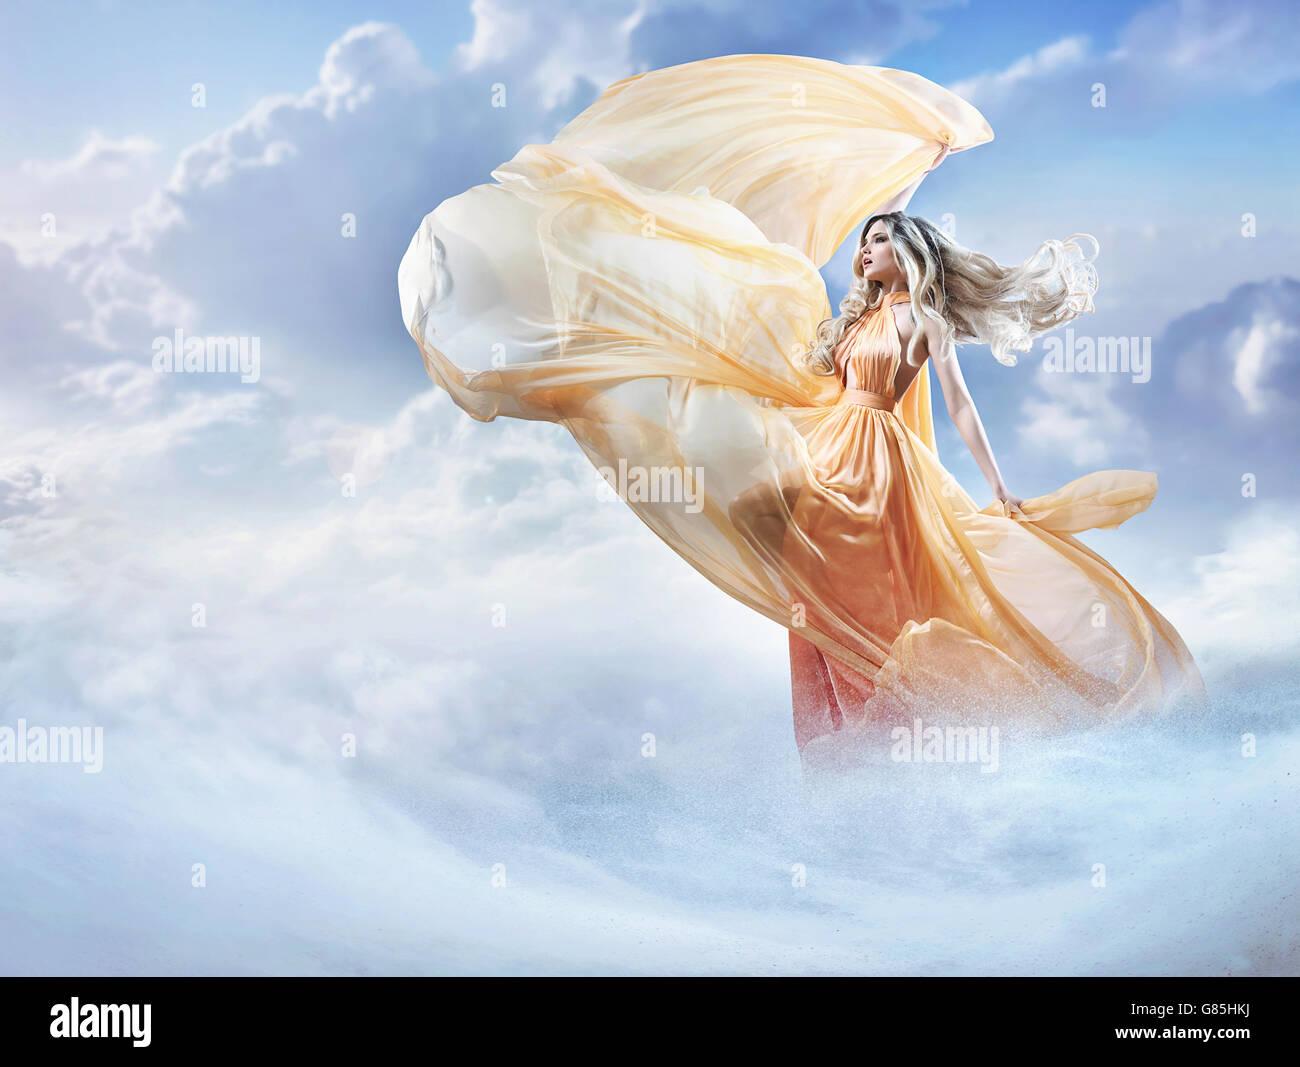 L'image de rêve d'une belle jeune femme dans les nuages Photo Stock